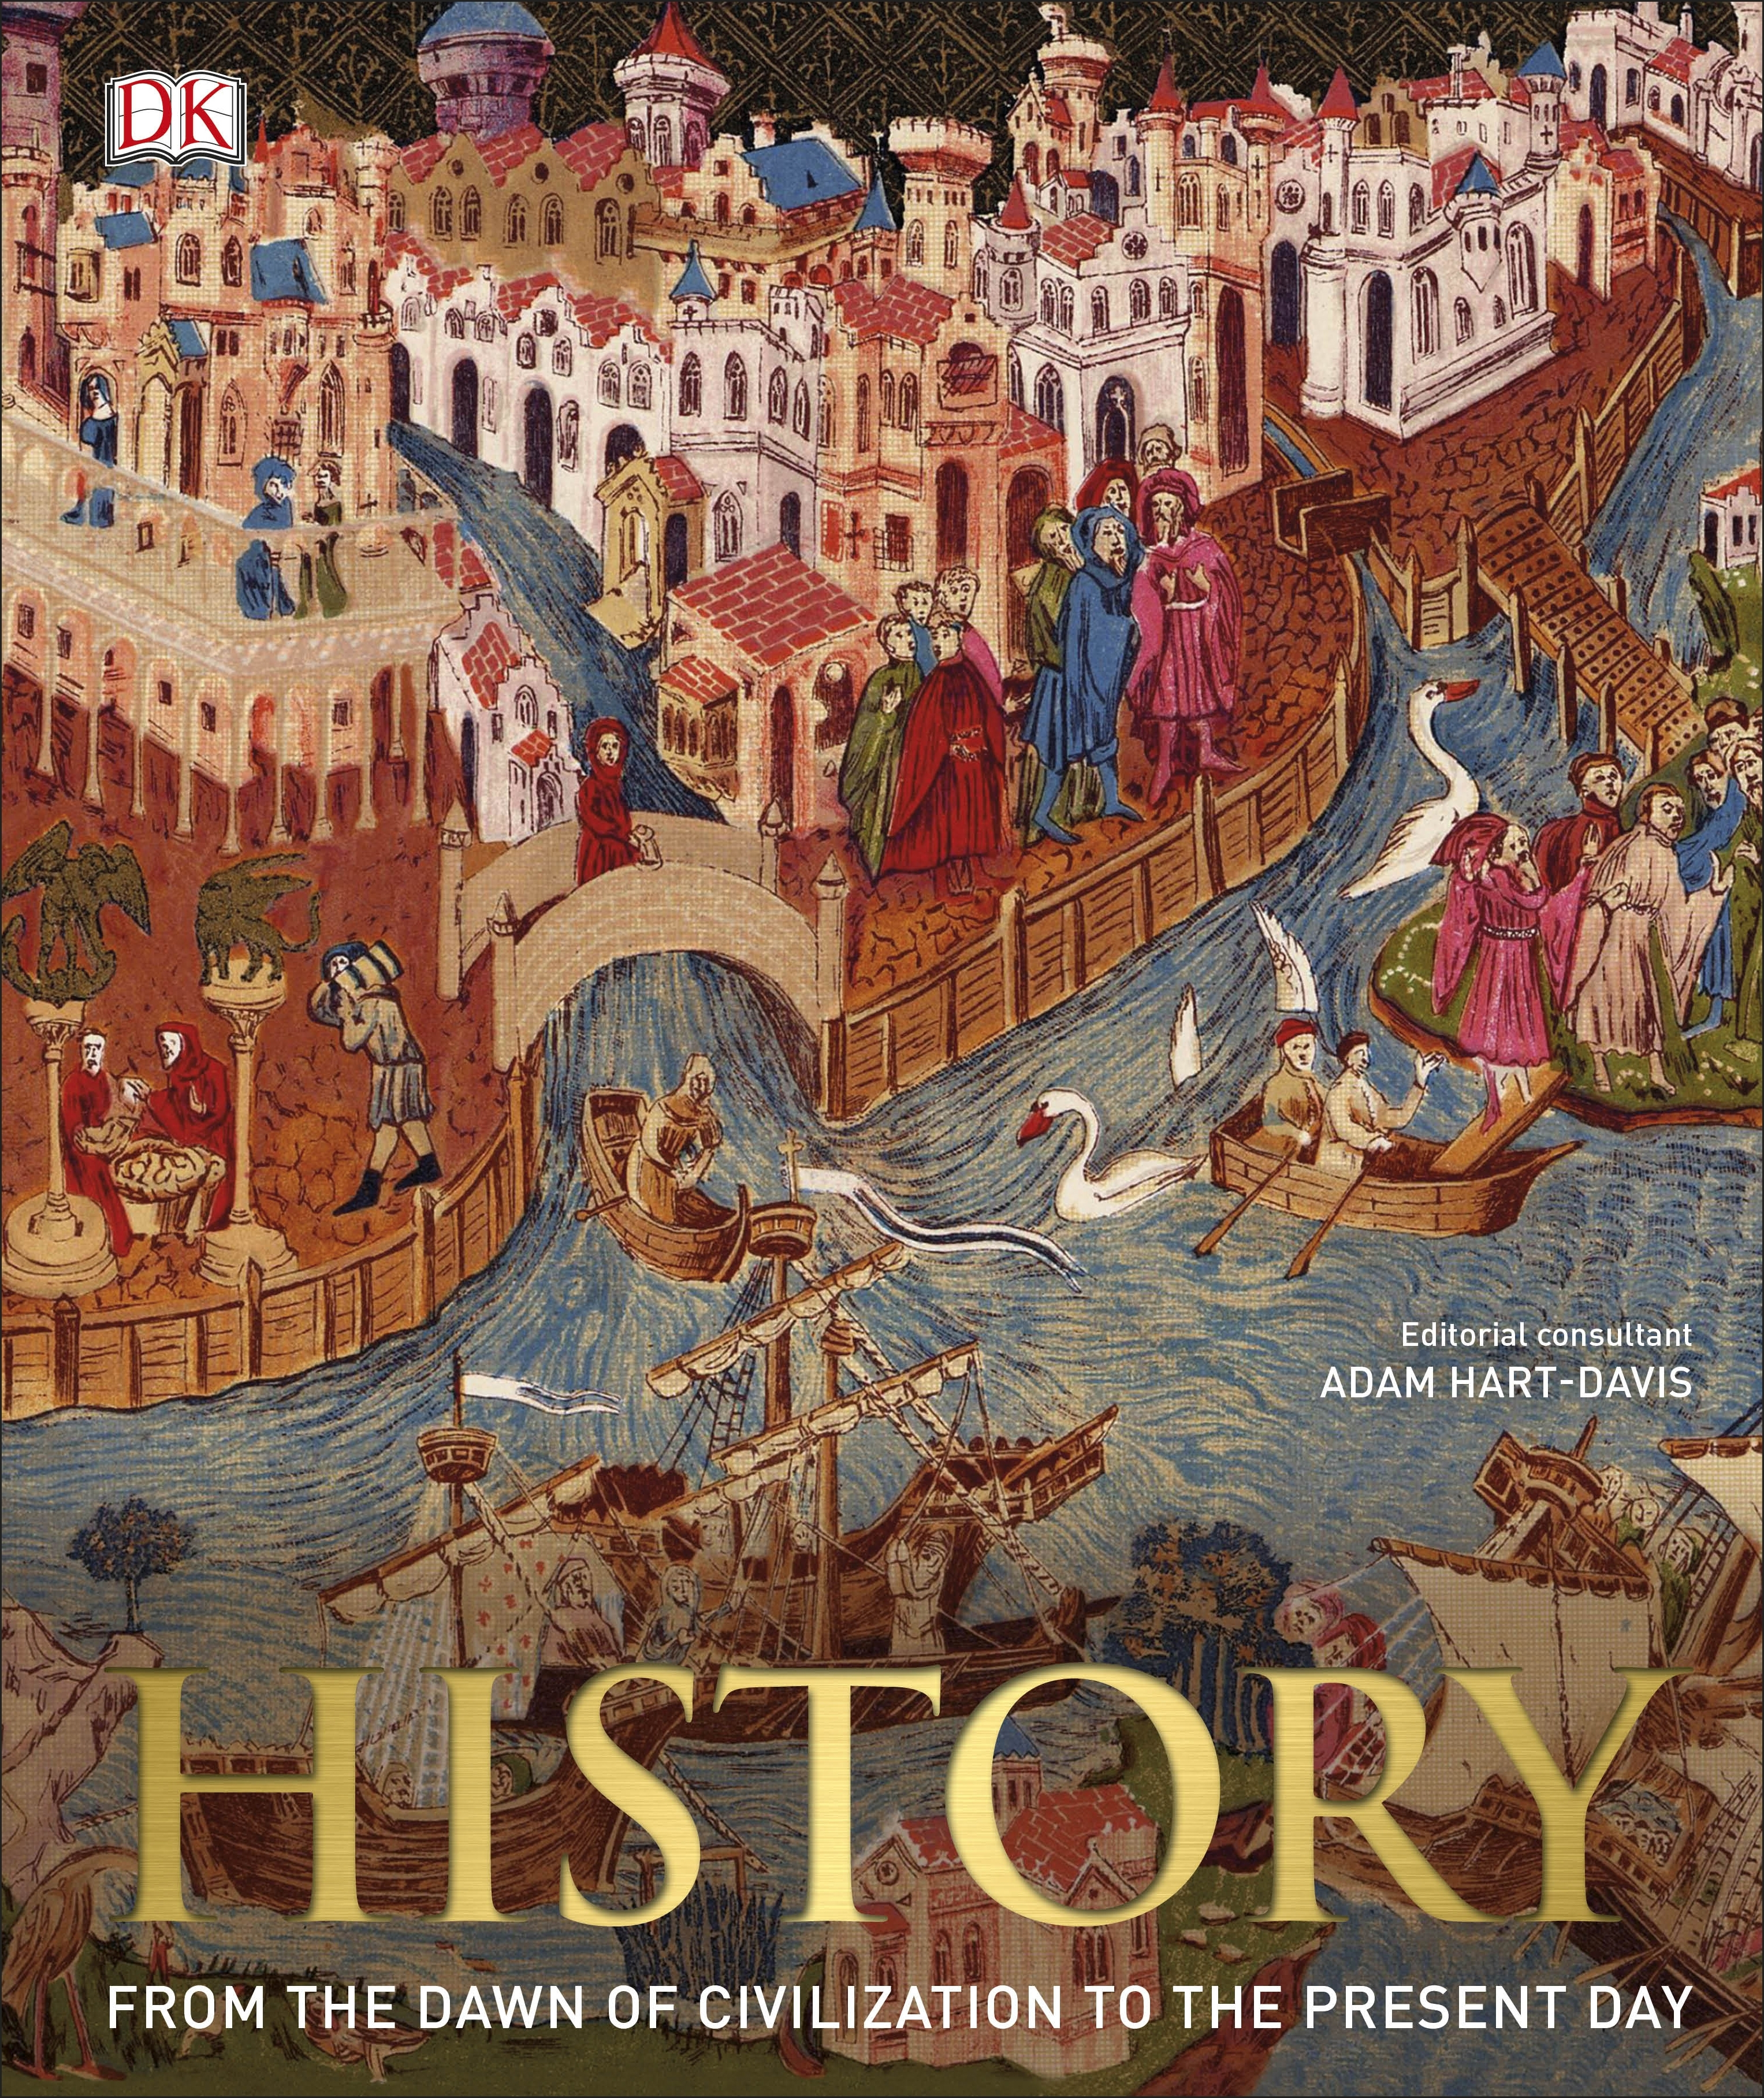 Penguin Book Cover History ~ History by dk penguin books australia